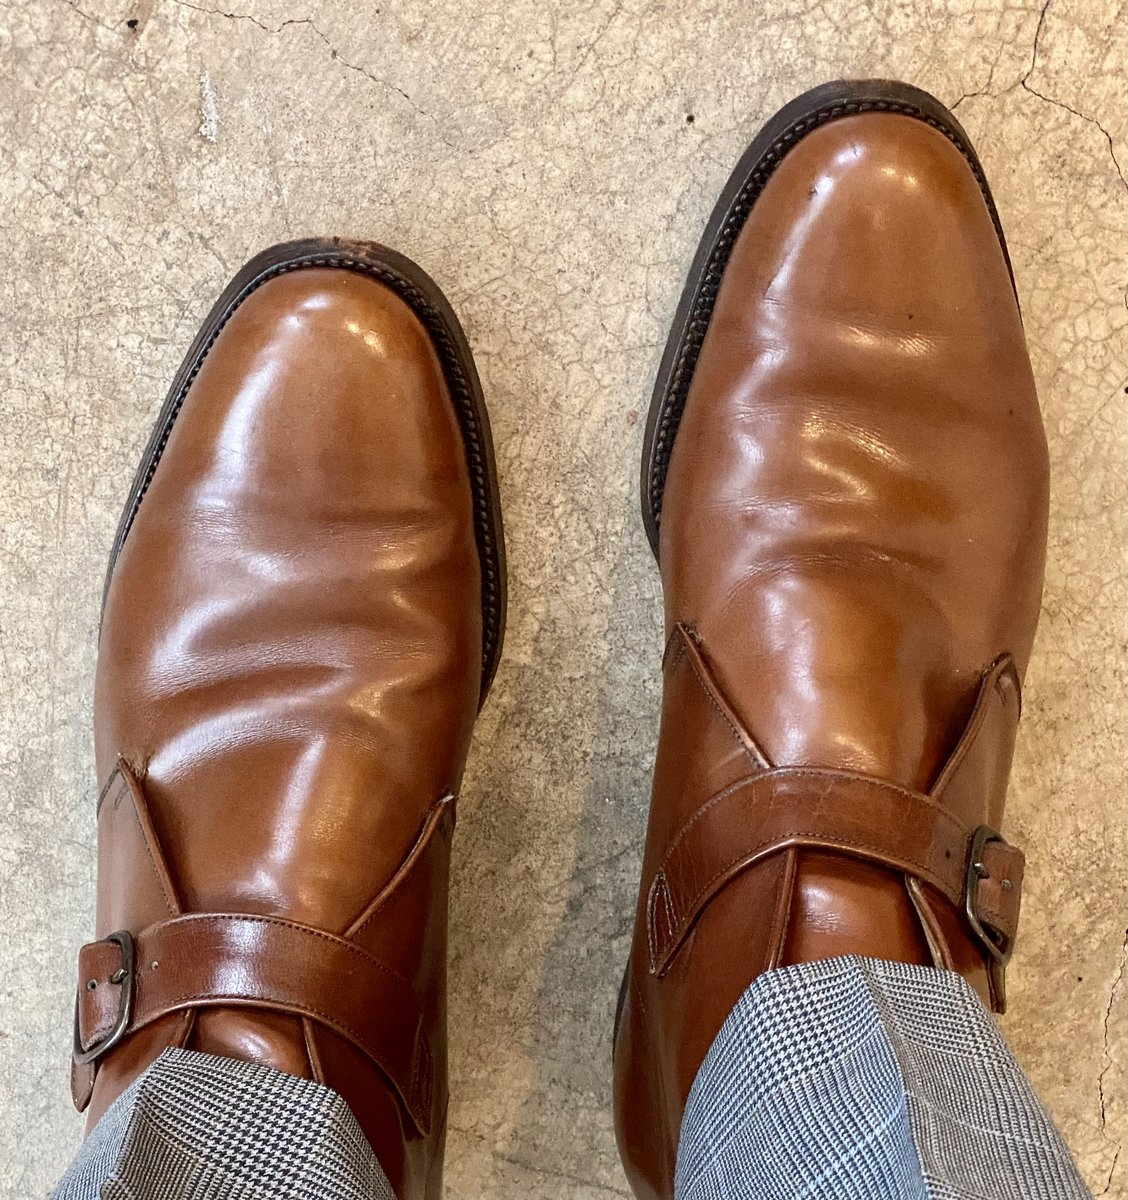 Florsheim boots.jpg